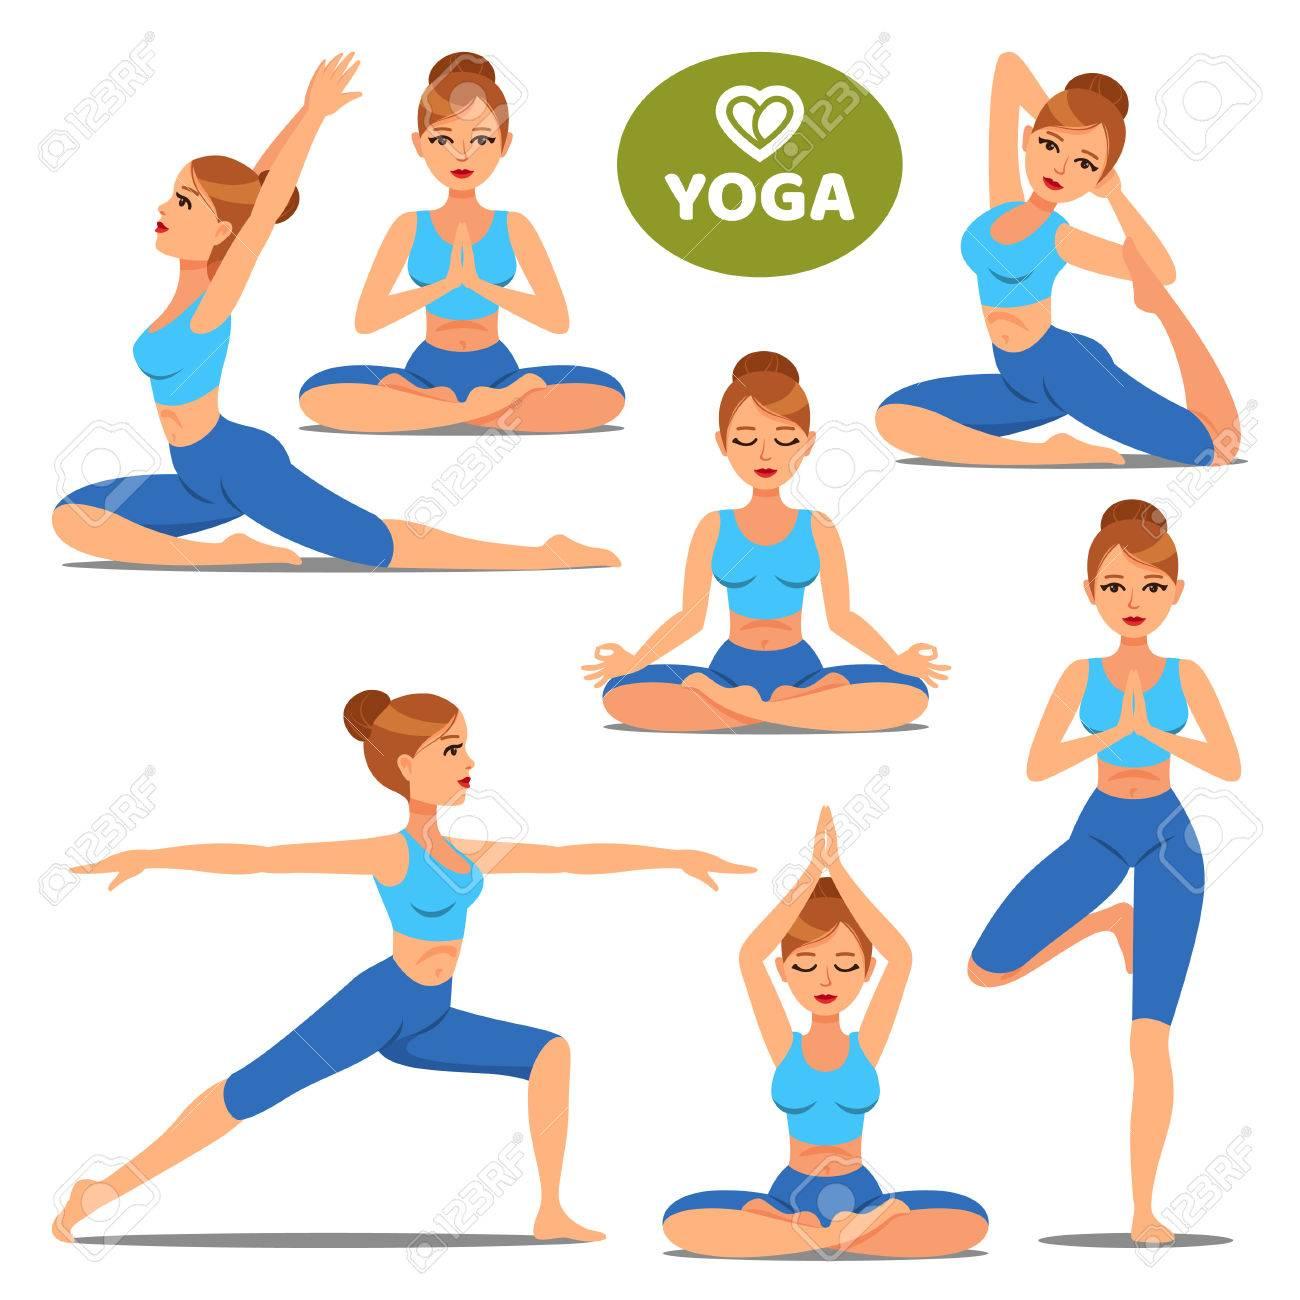 Conjunto de niñas en diversas poses de yoga. Mujer yoga plantea el  entrenamiento. Ejercicio 6526648a114f